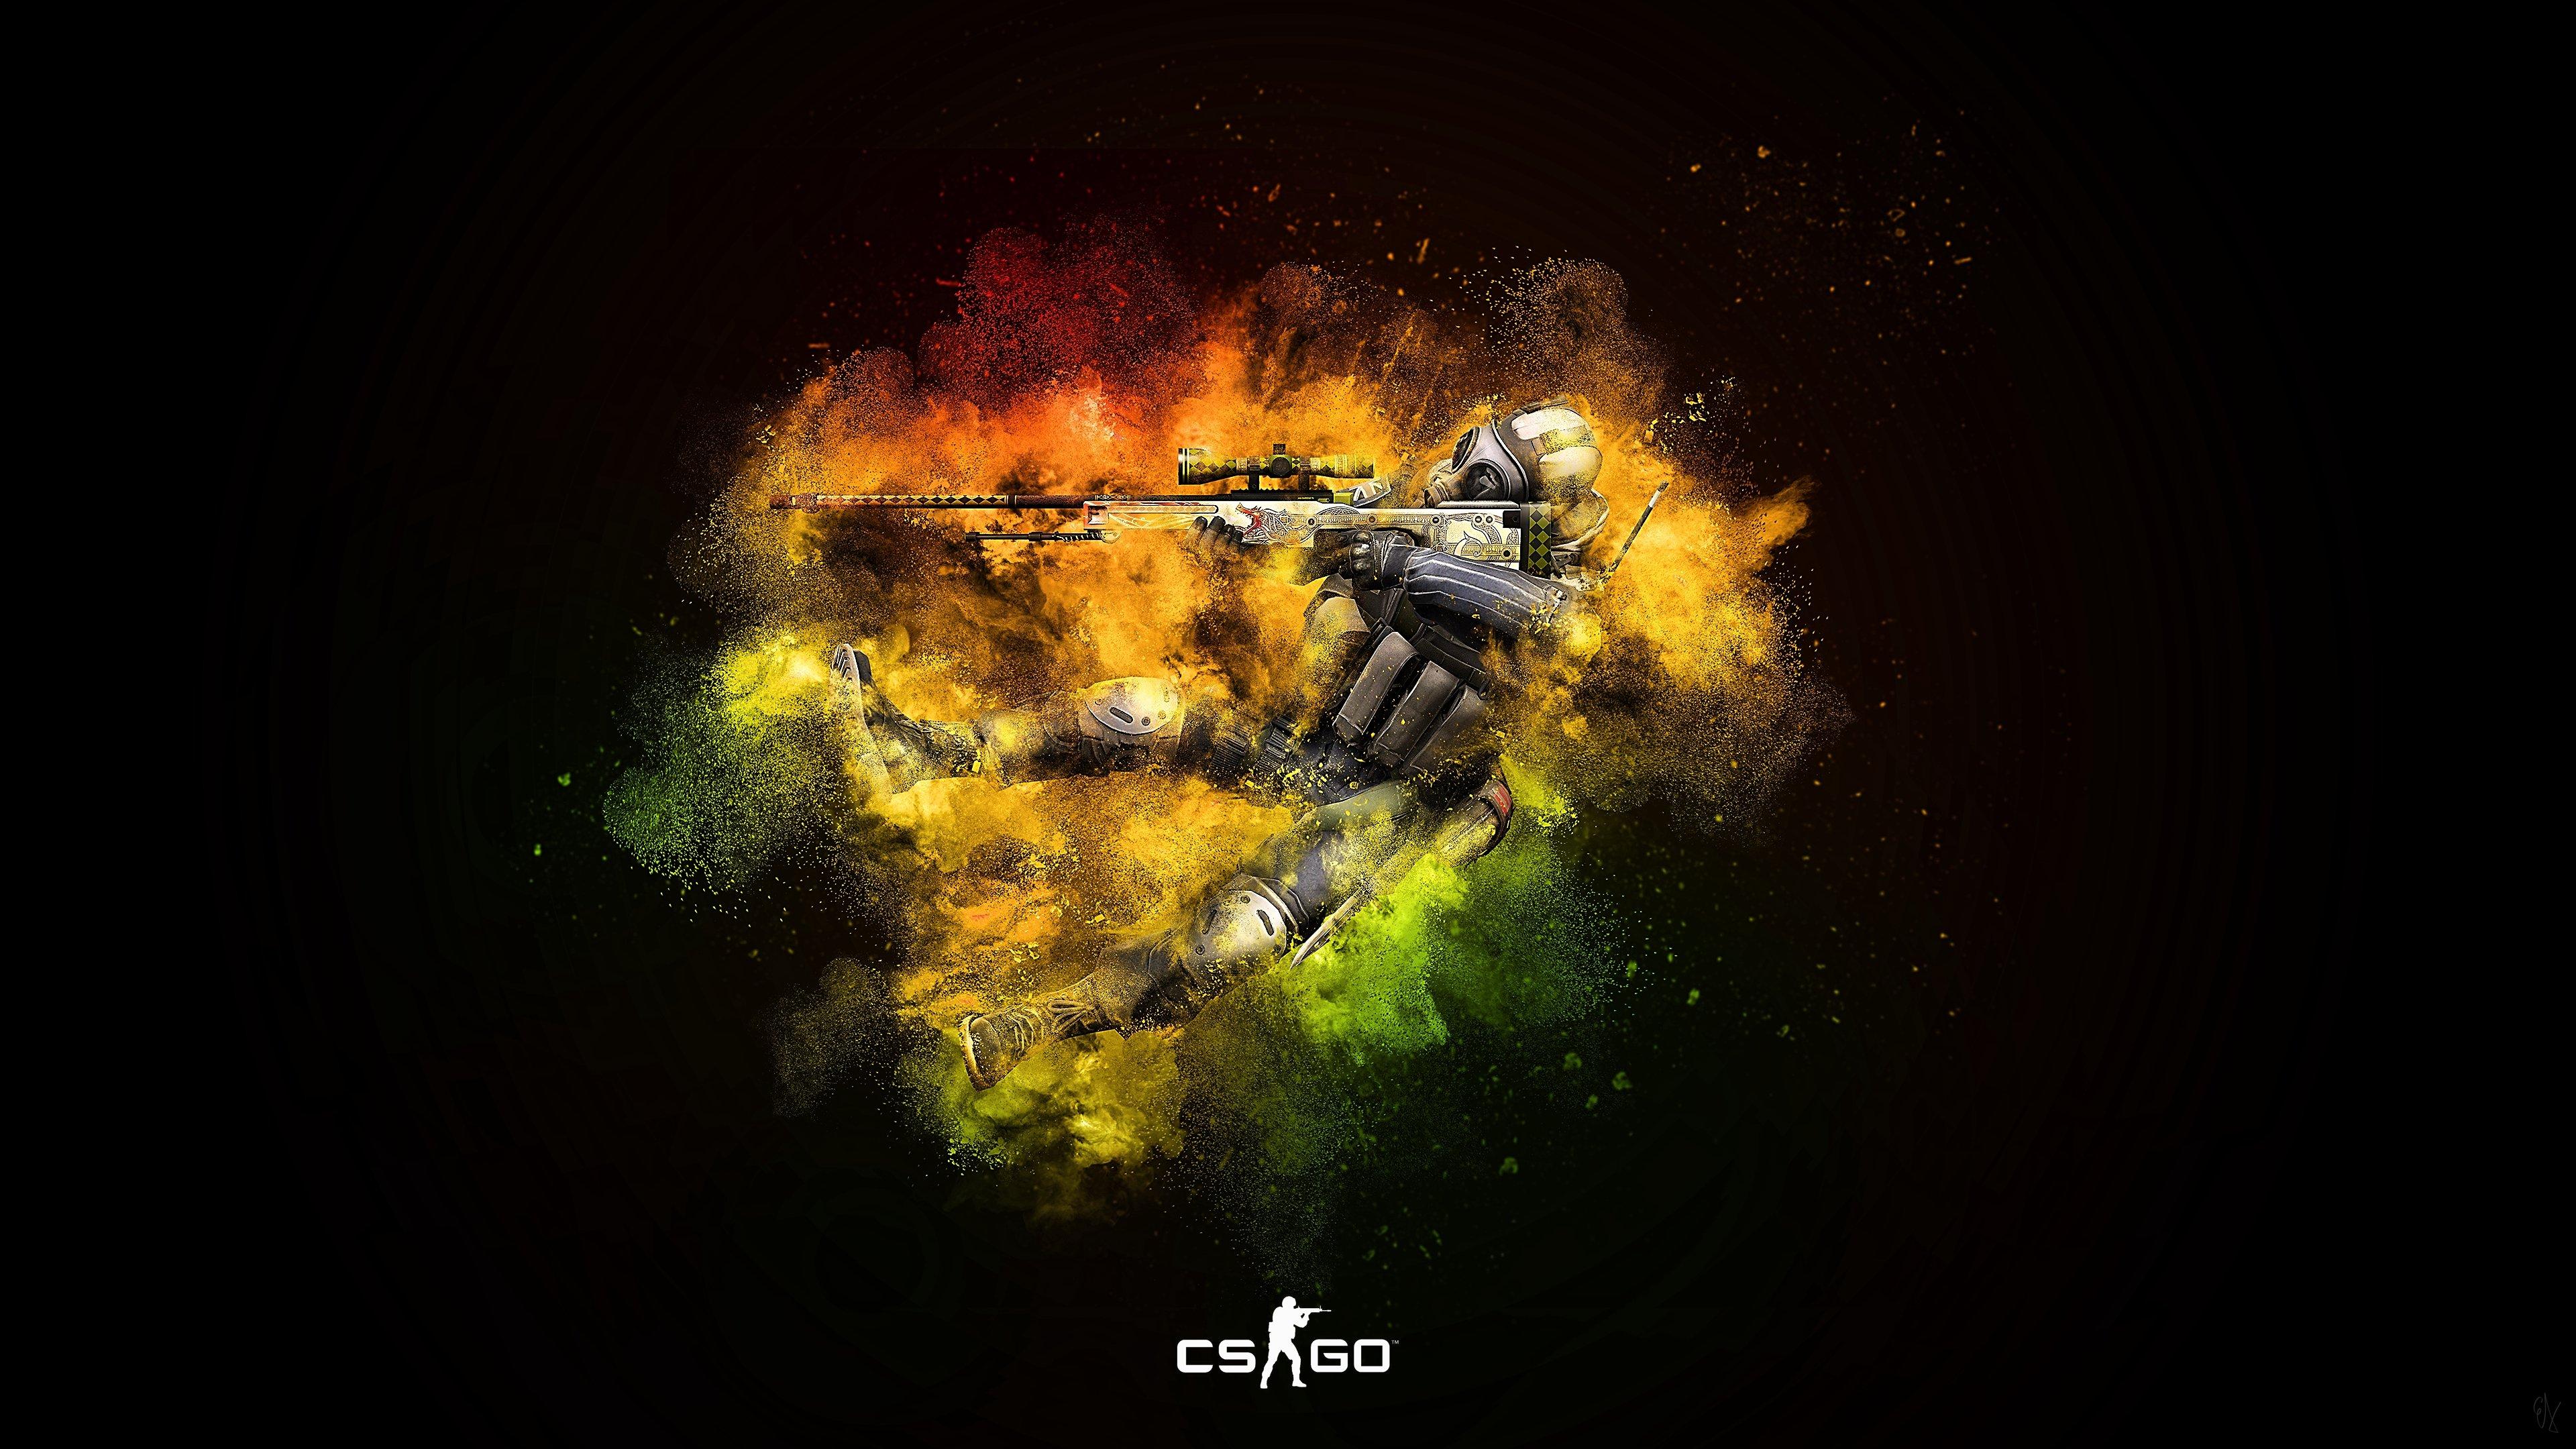 Fondos de pantalla Counter Strike: Global Offensive CSGO